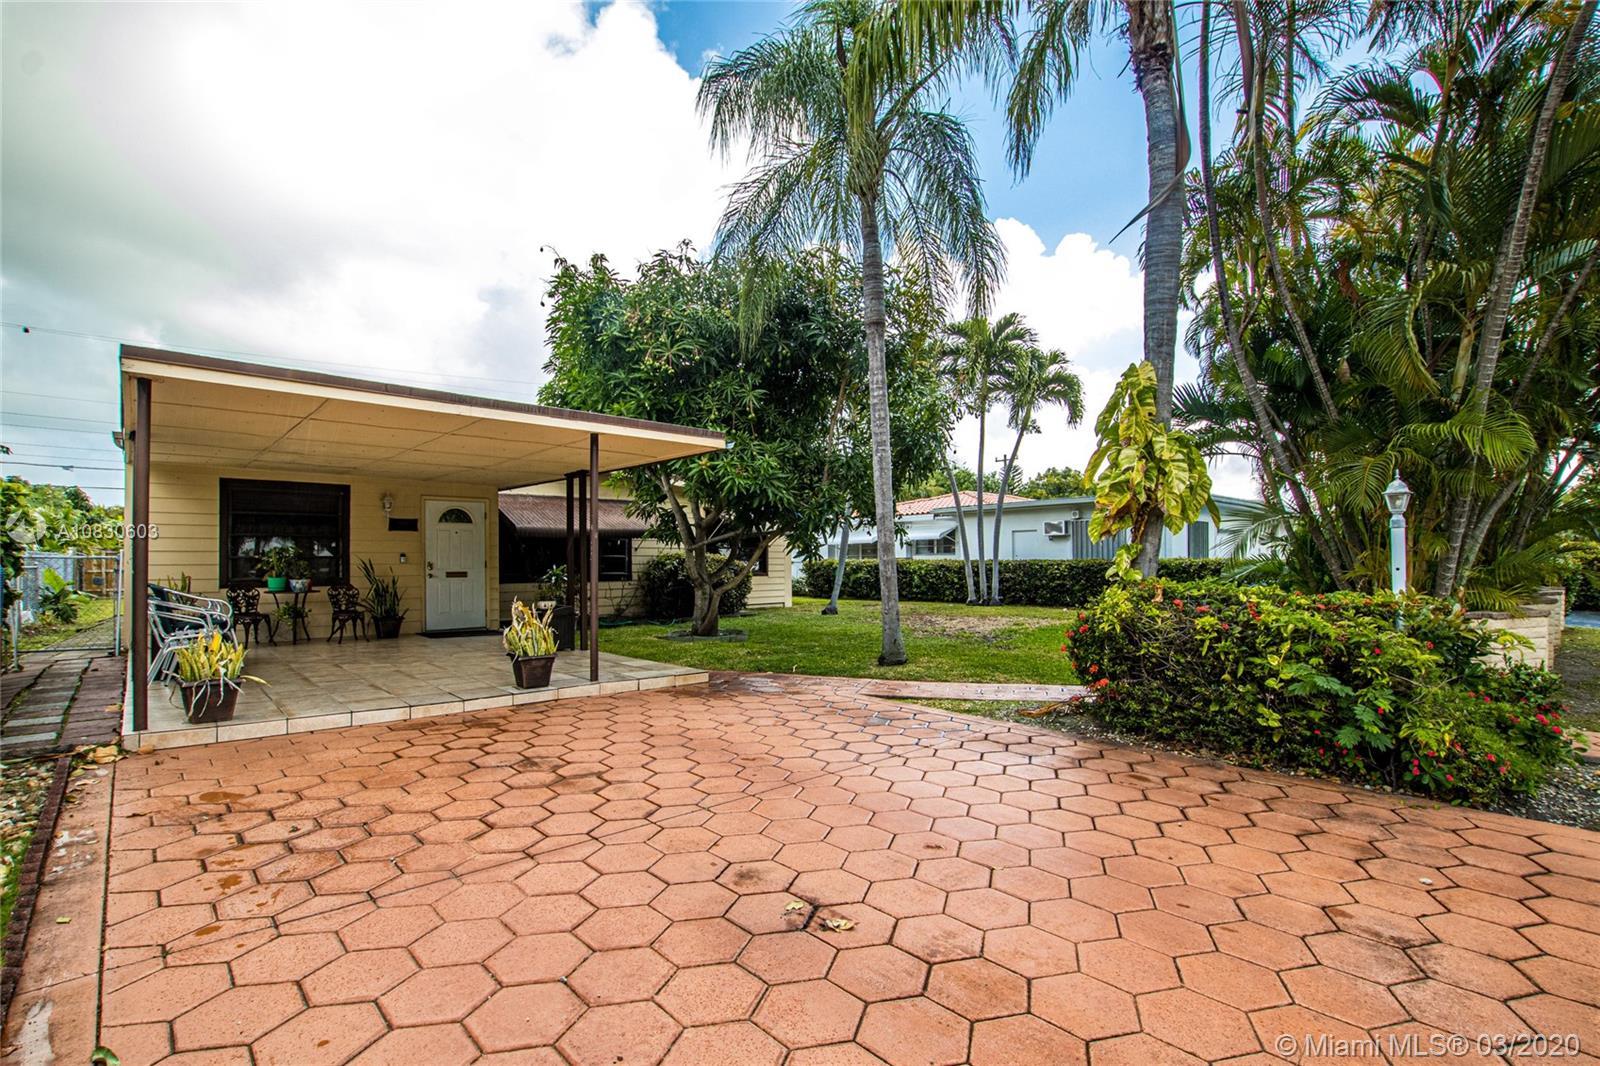 655 Fairway Dr, Miami Beach, FL 33141 - Miami Beach, FL real estate listing